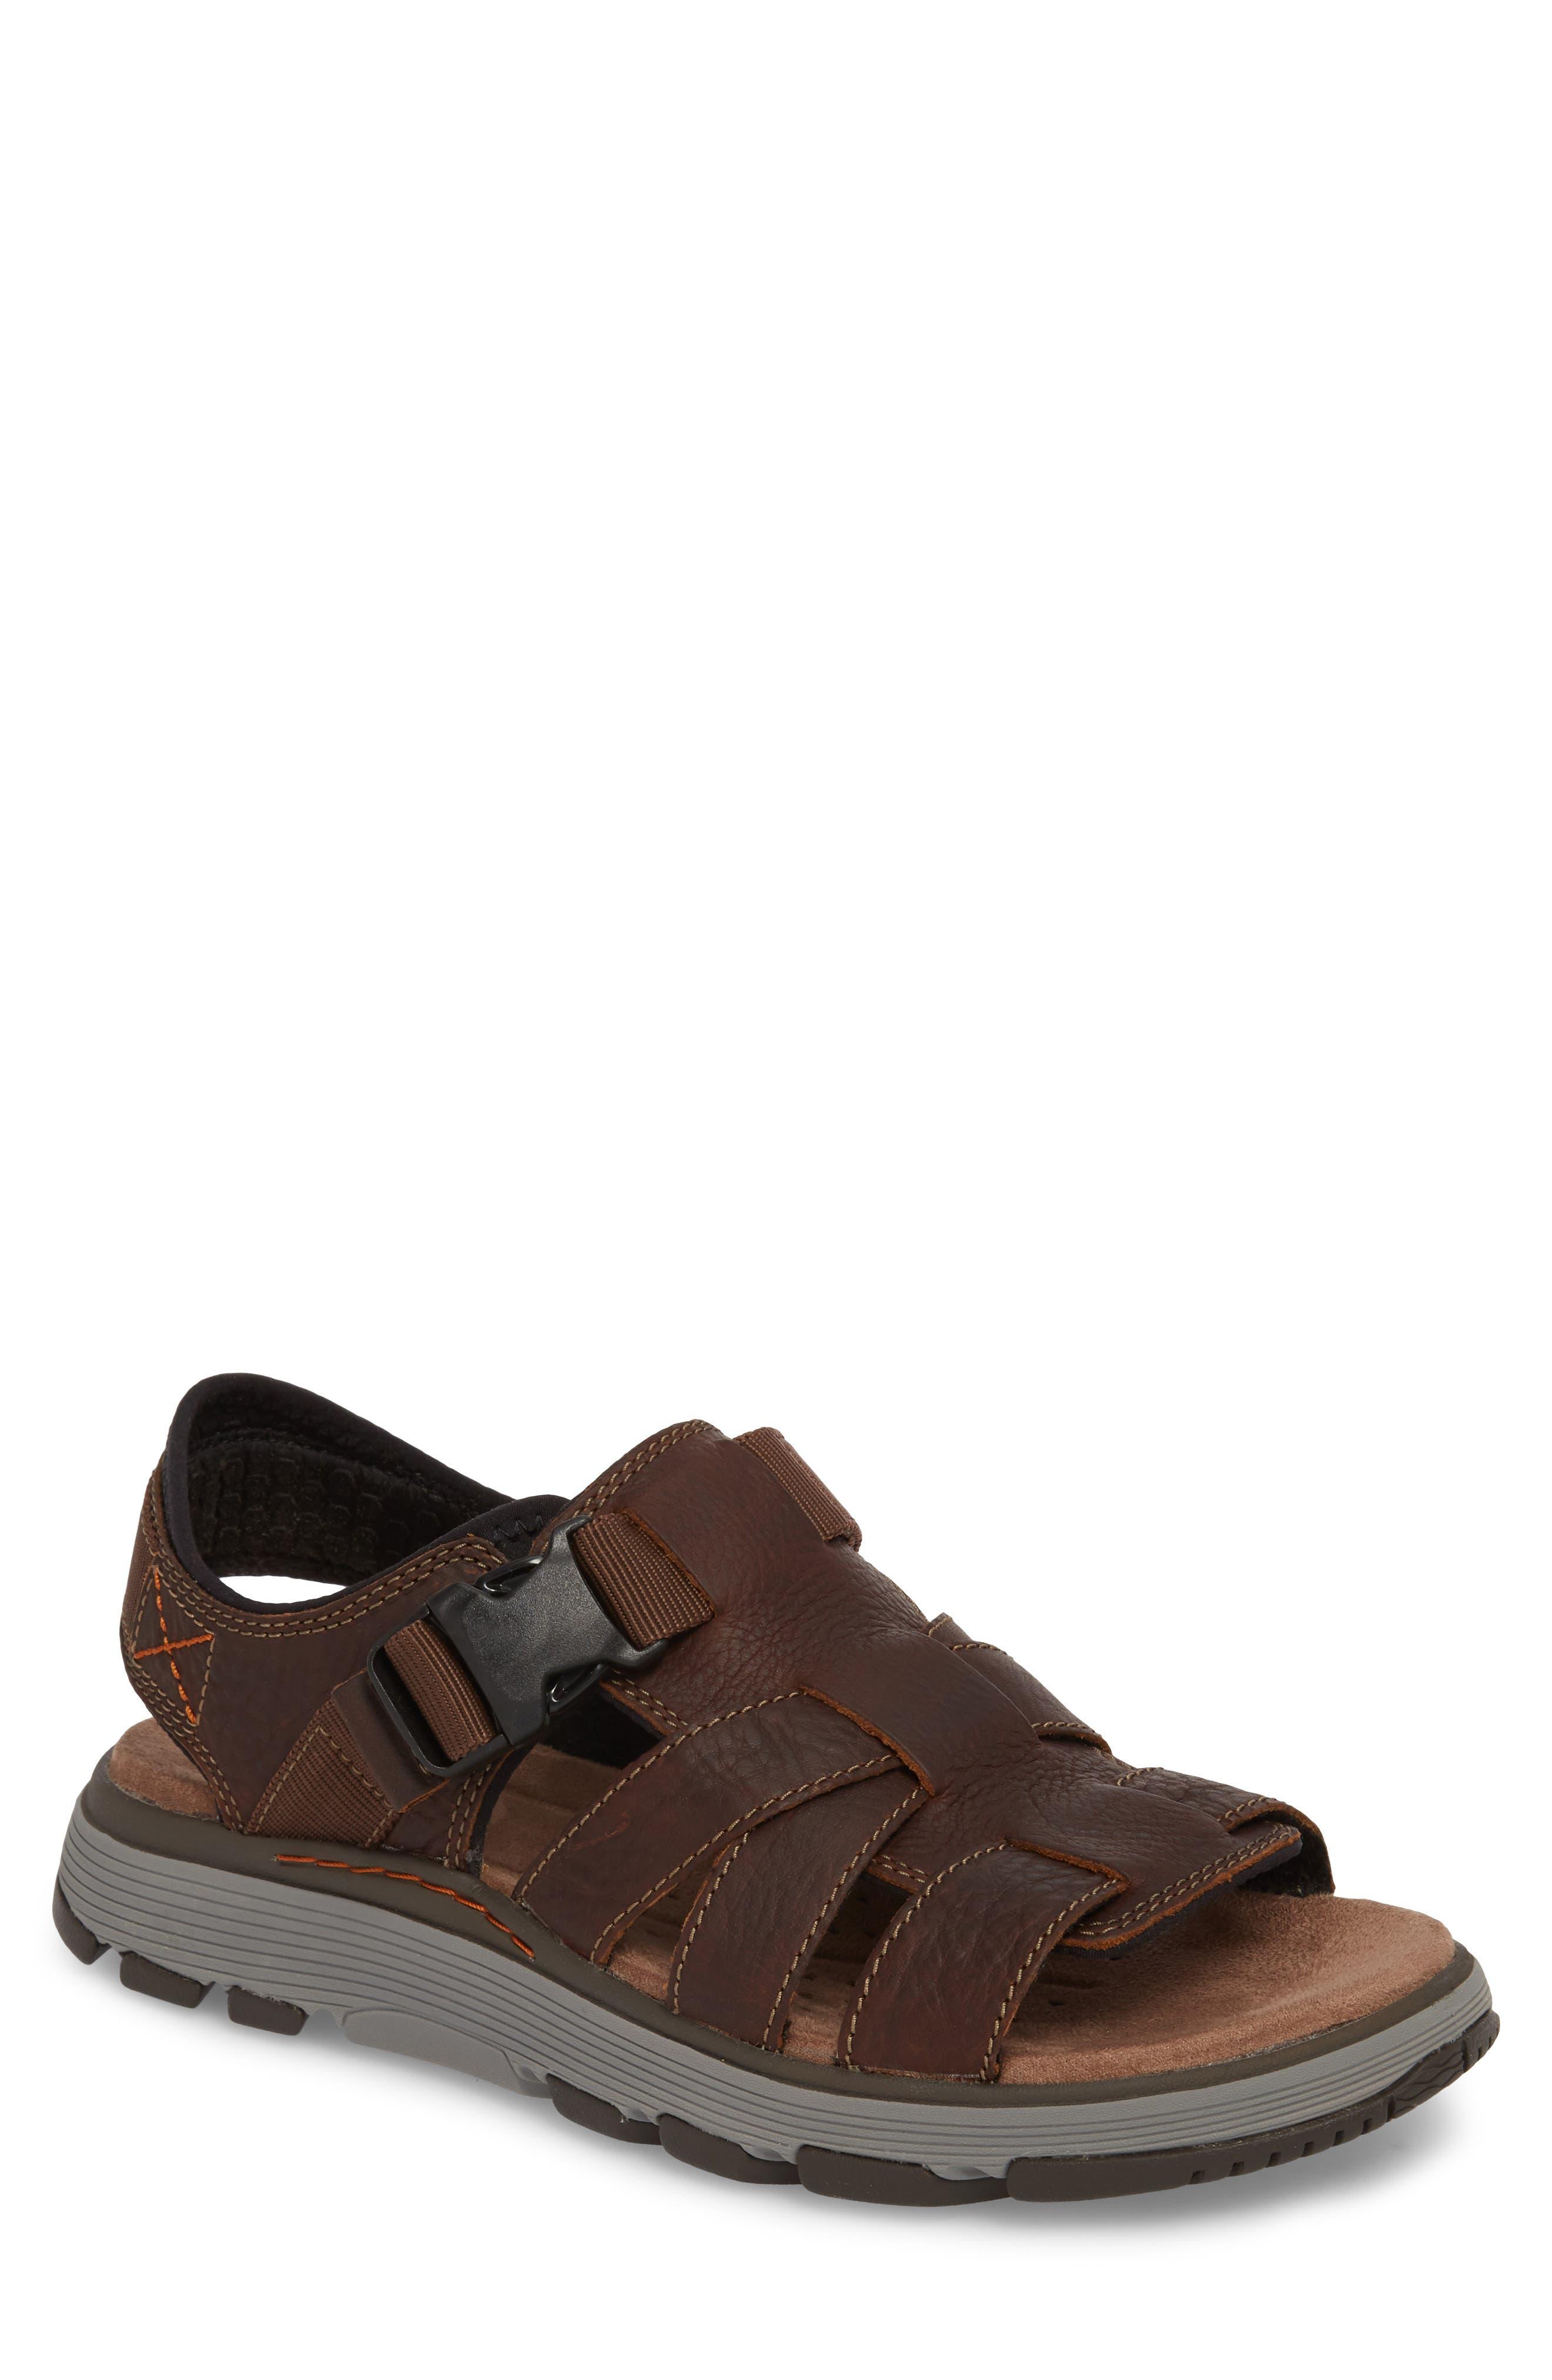 Clarks<sup>®</sup> Untrek Cove Fisherman Sandal,                         Main,                         color, Dark Tan Leather